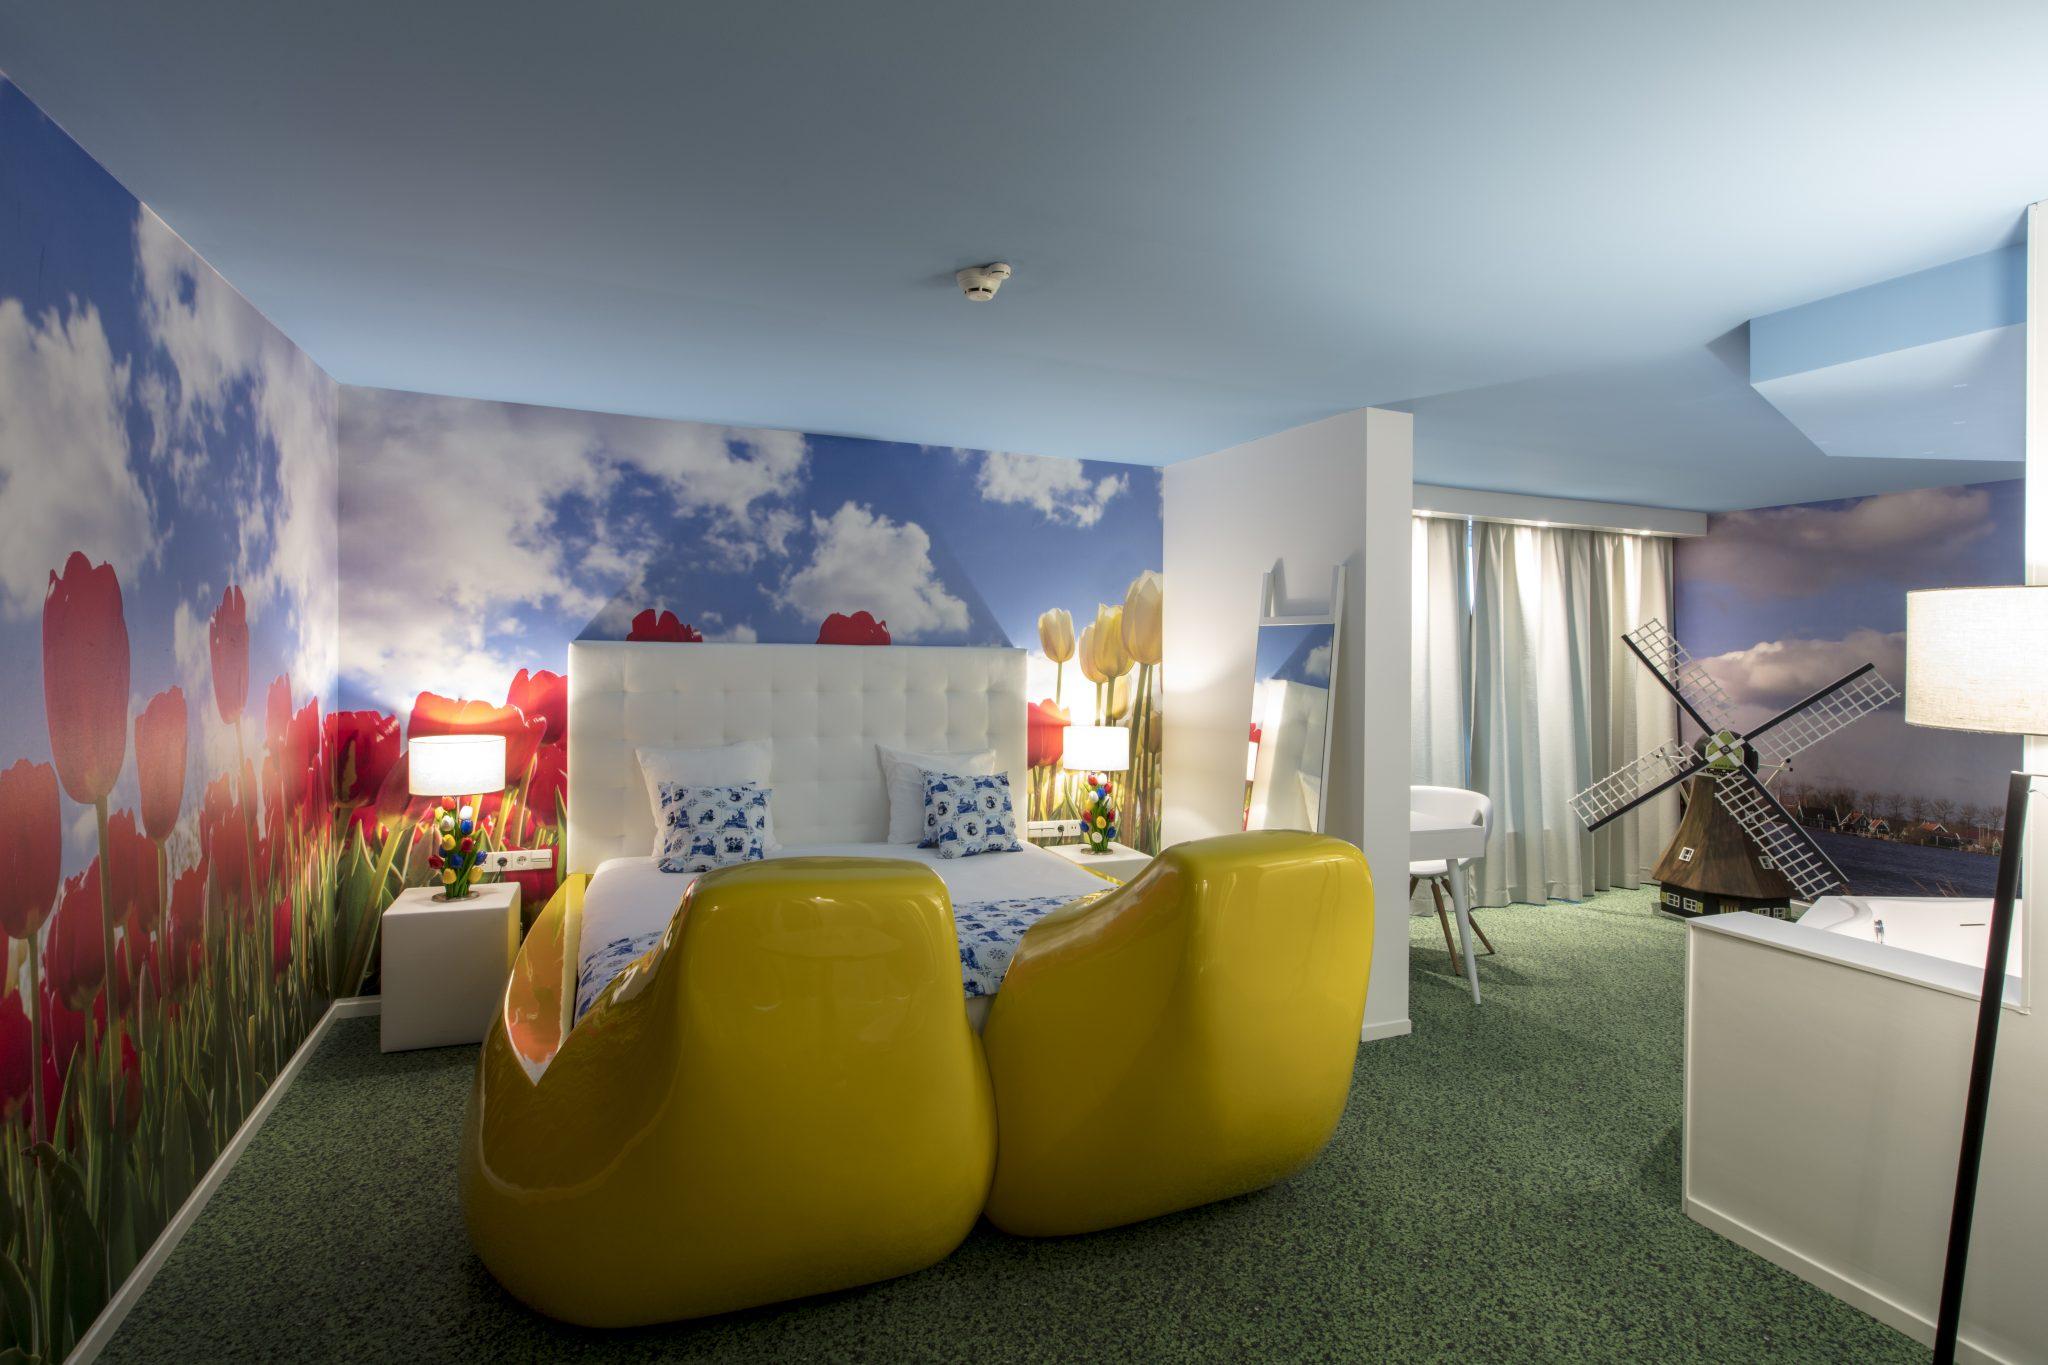 Hotel Mitland